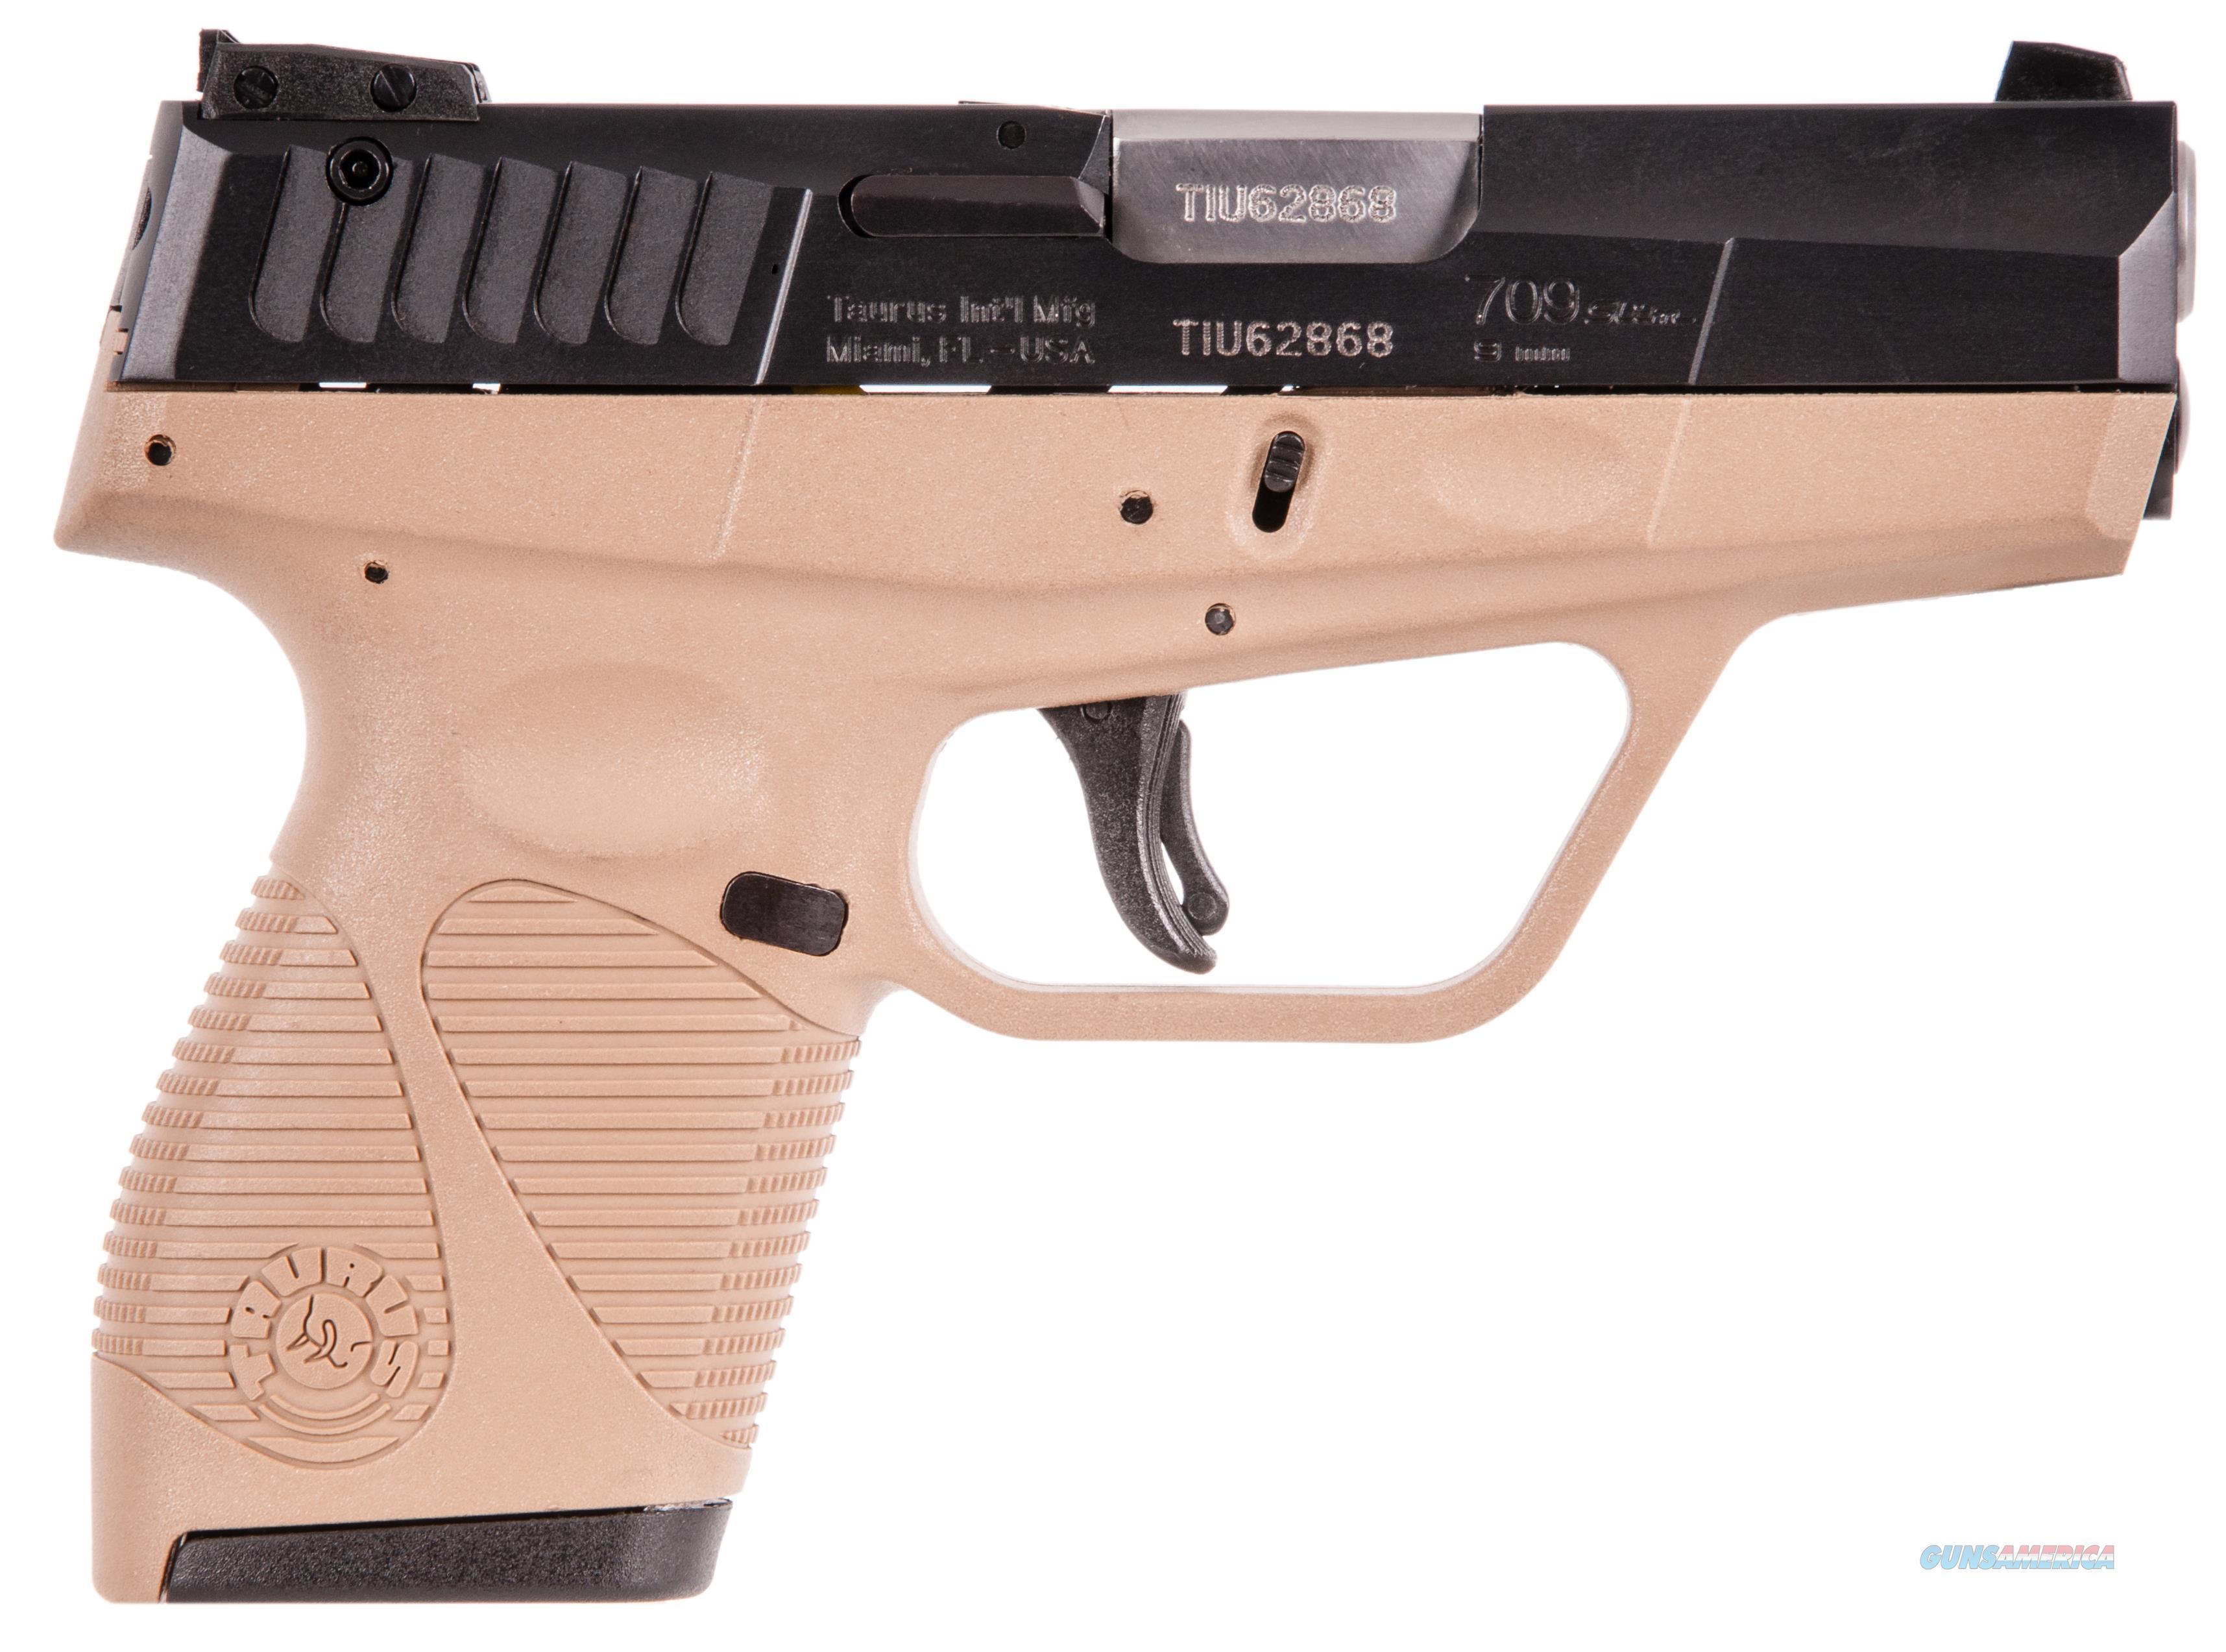 709 slim 9mm pistol - 9440346 Jpg